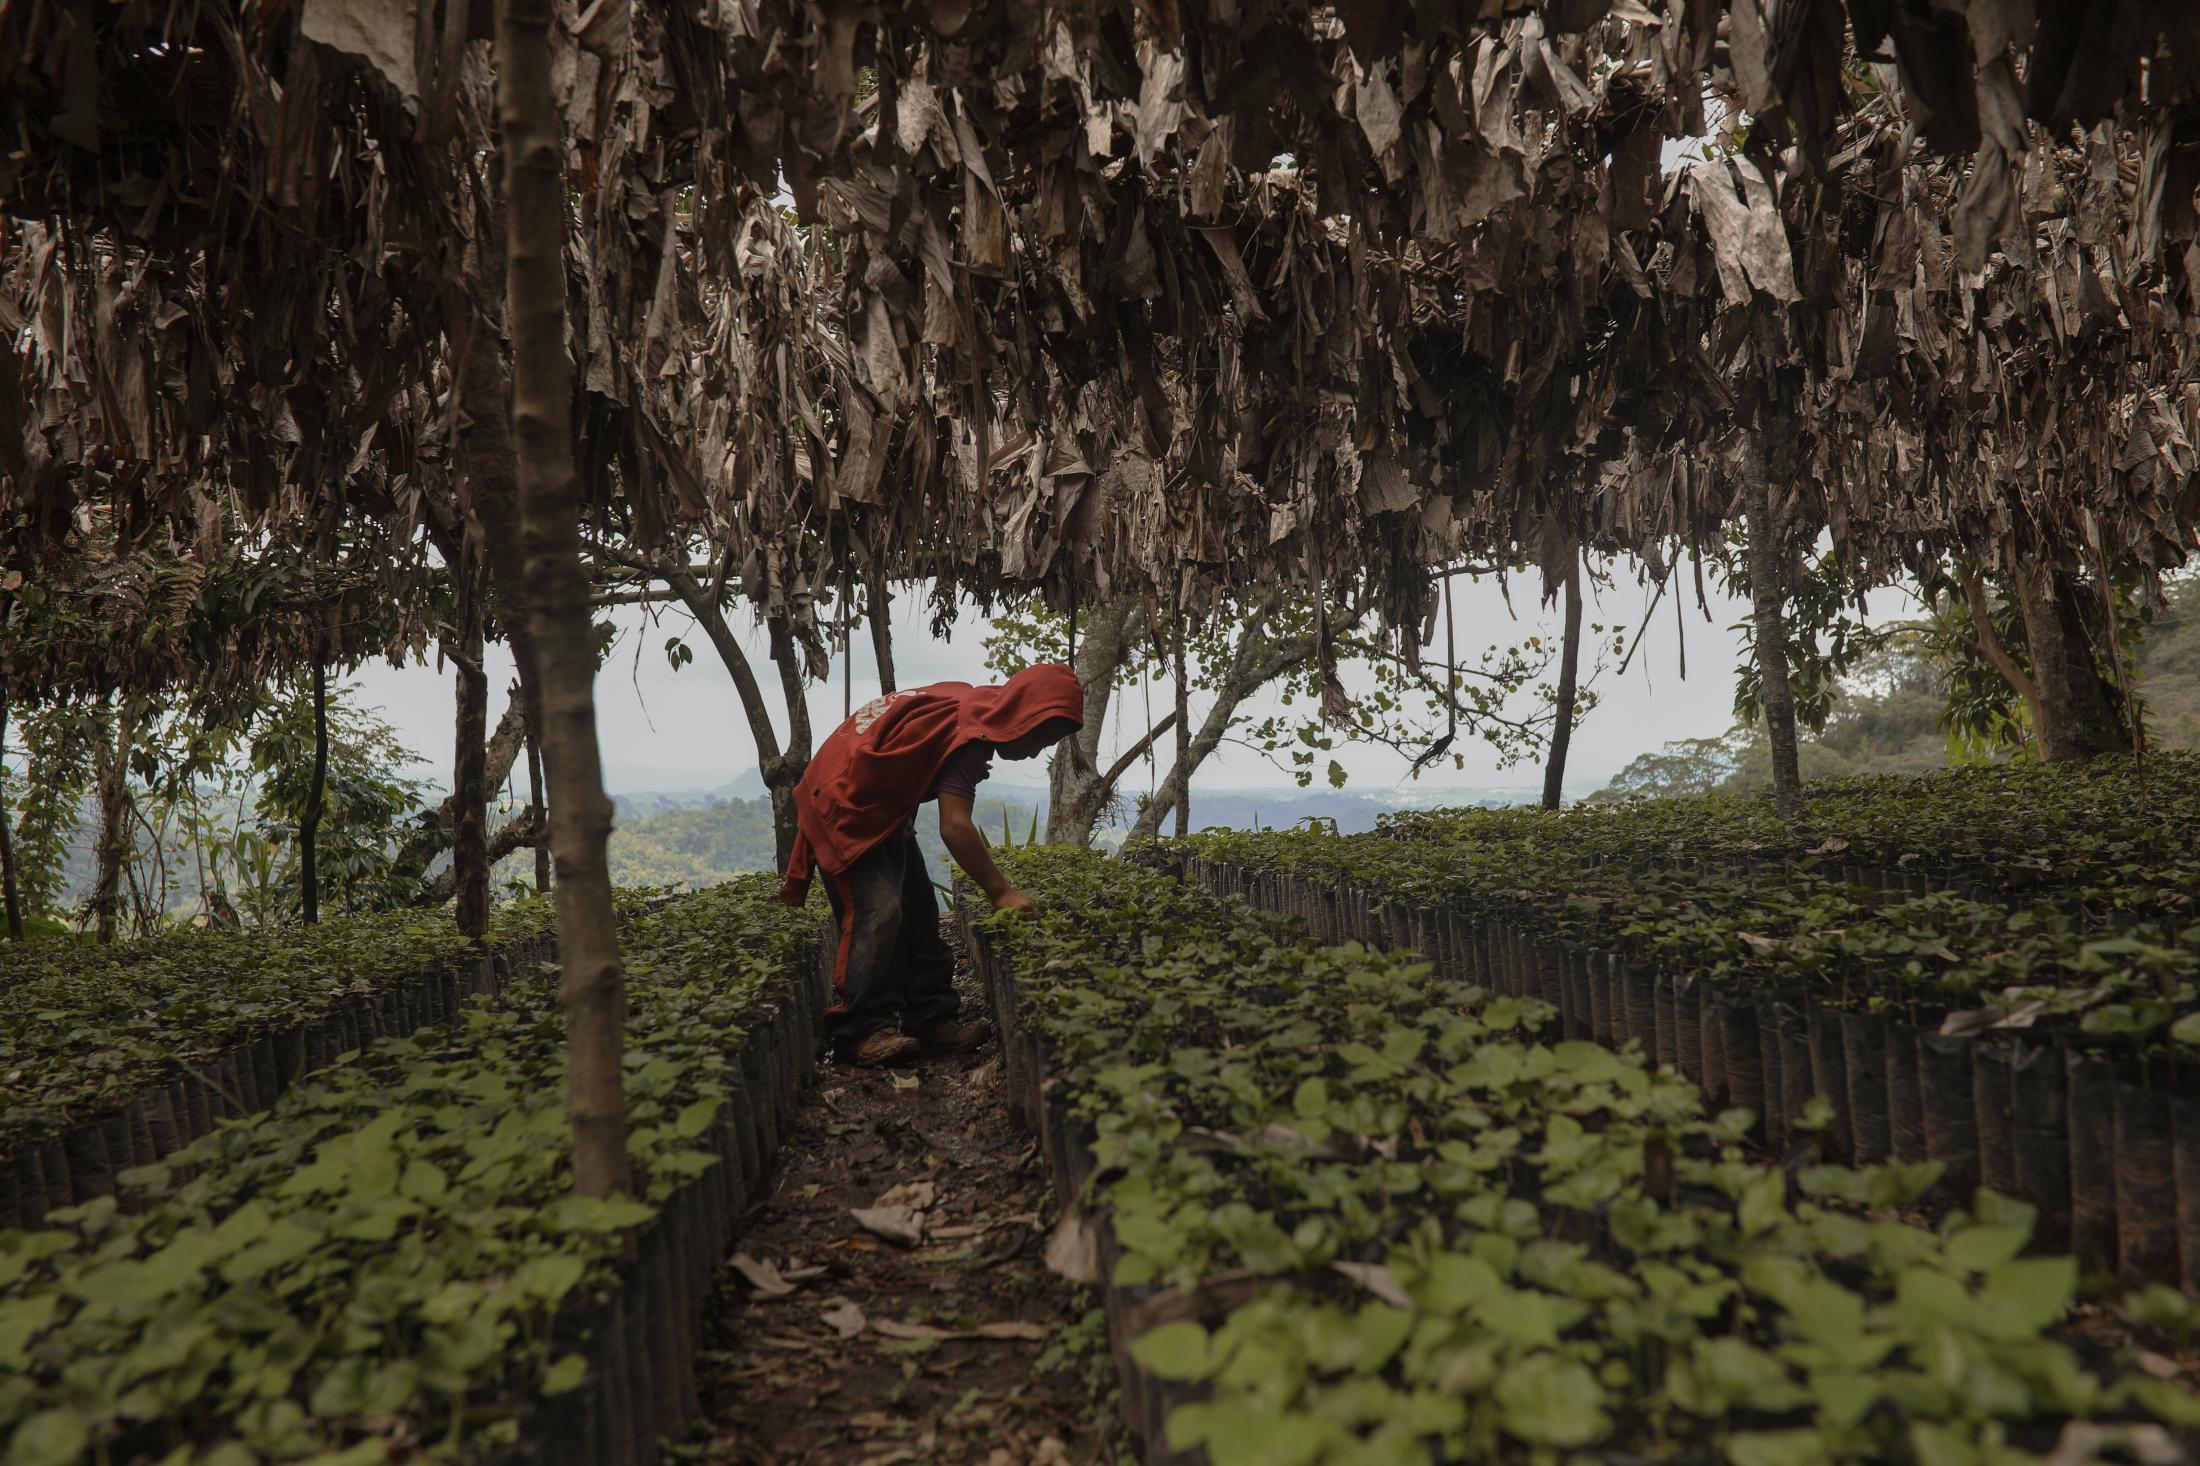 Un menor de edad trabaja ayudando a su abuelo y dando mantenimiento a las plantas en un vivero de cafetos el 17 de Agosto de 2020, en el municipio de Cosautlán, Veracruz.